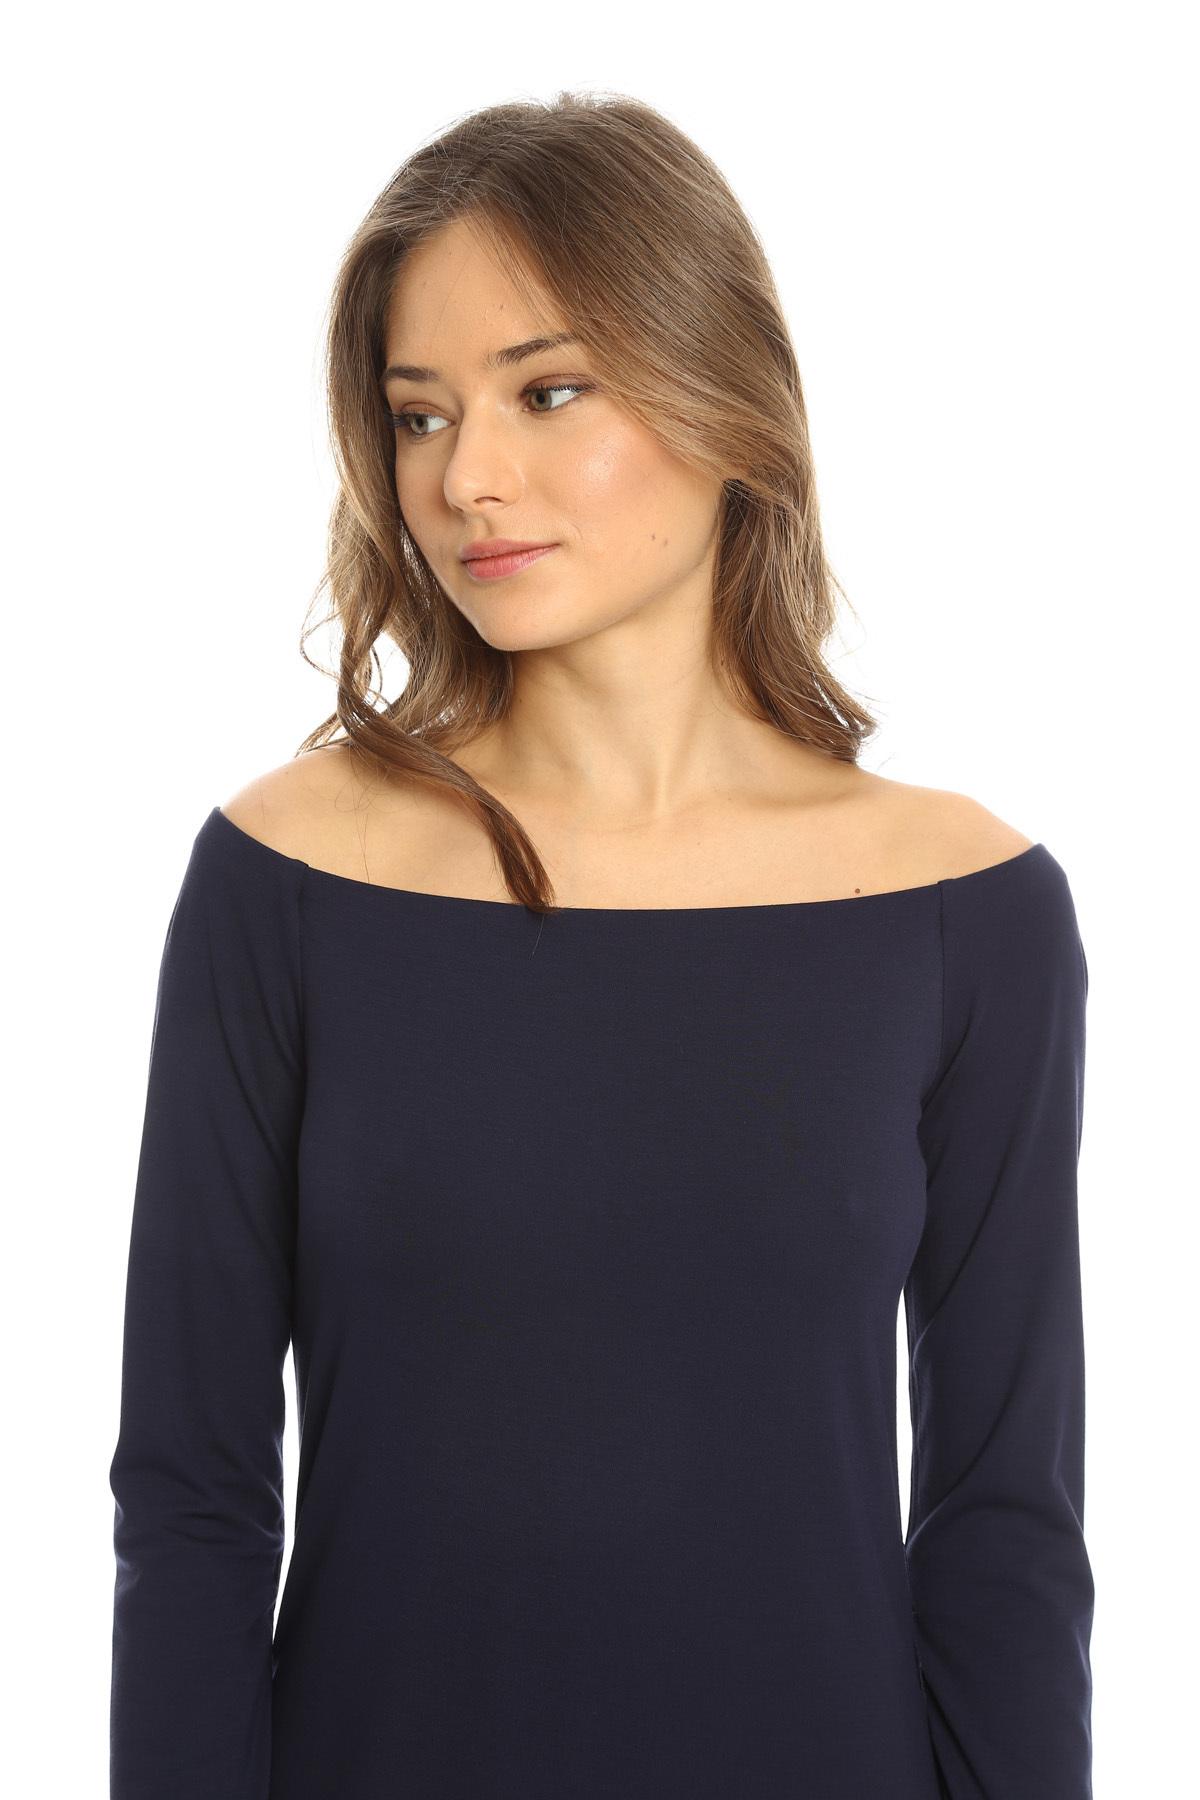 ... Abito in jersey interlock Diffusione Tessile. Home page · Abbigliamento  ...